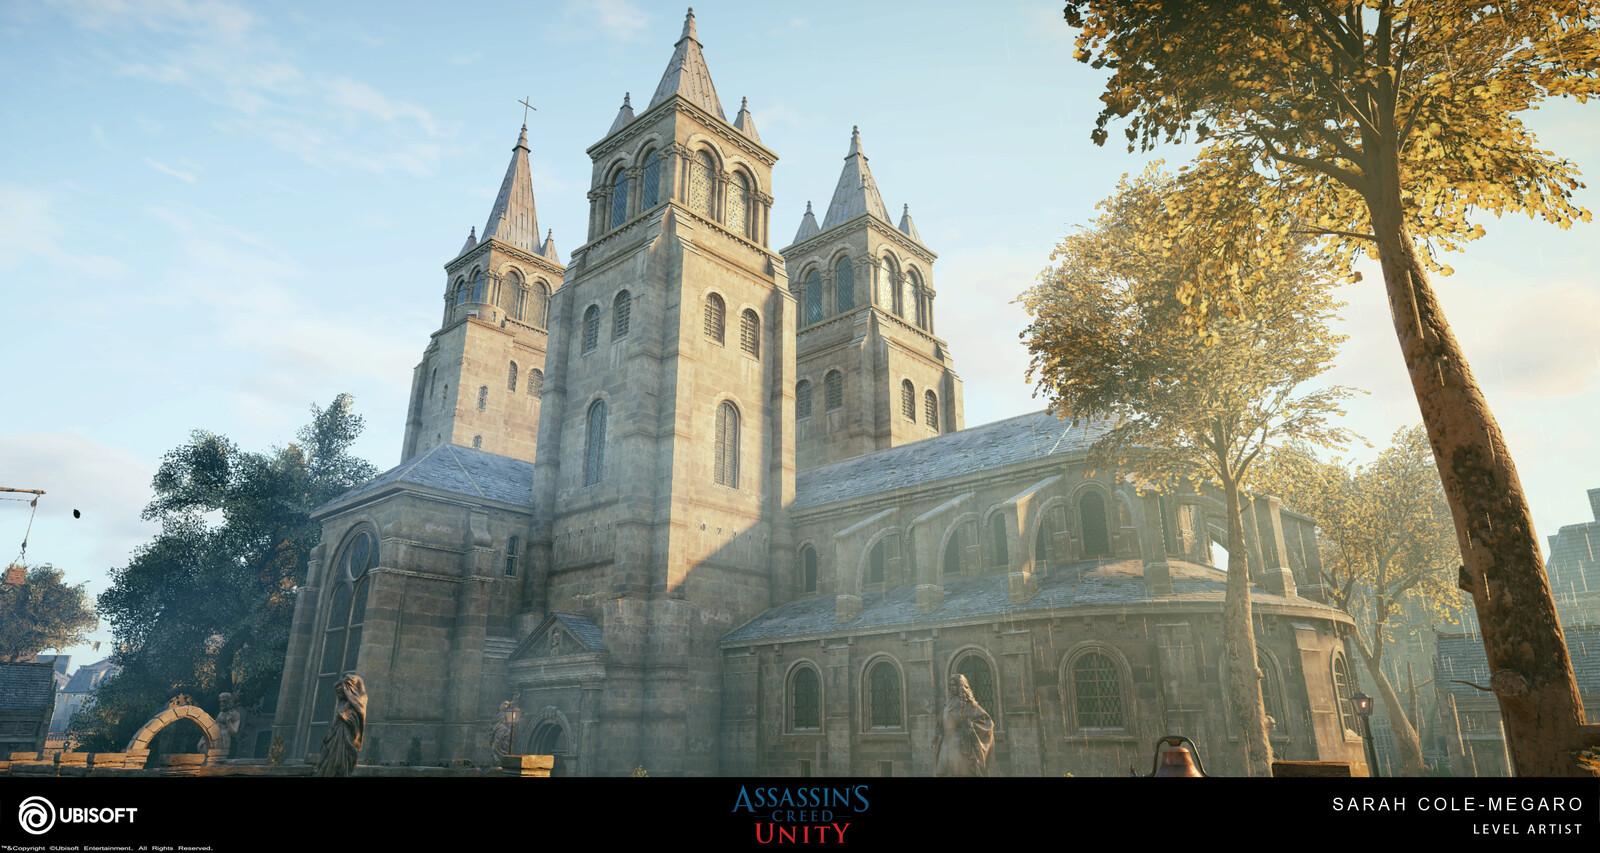 Assassins Creed Unity: Saint-Germain-des-Prés